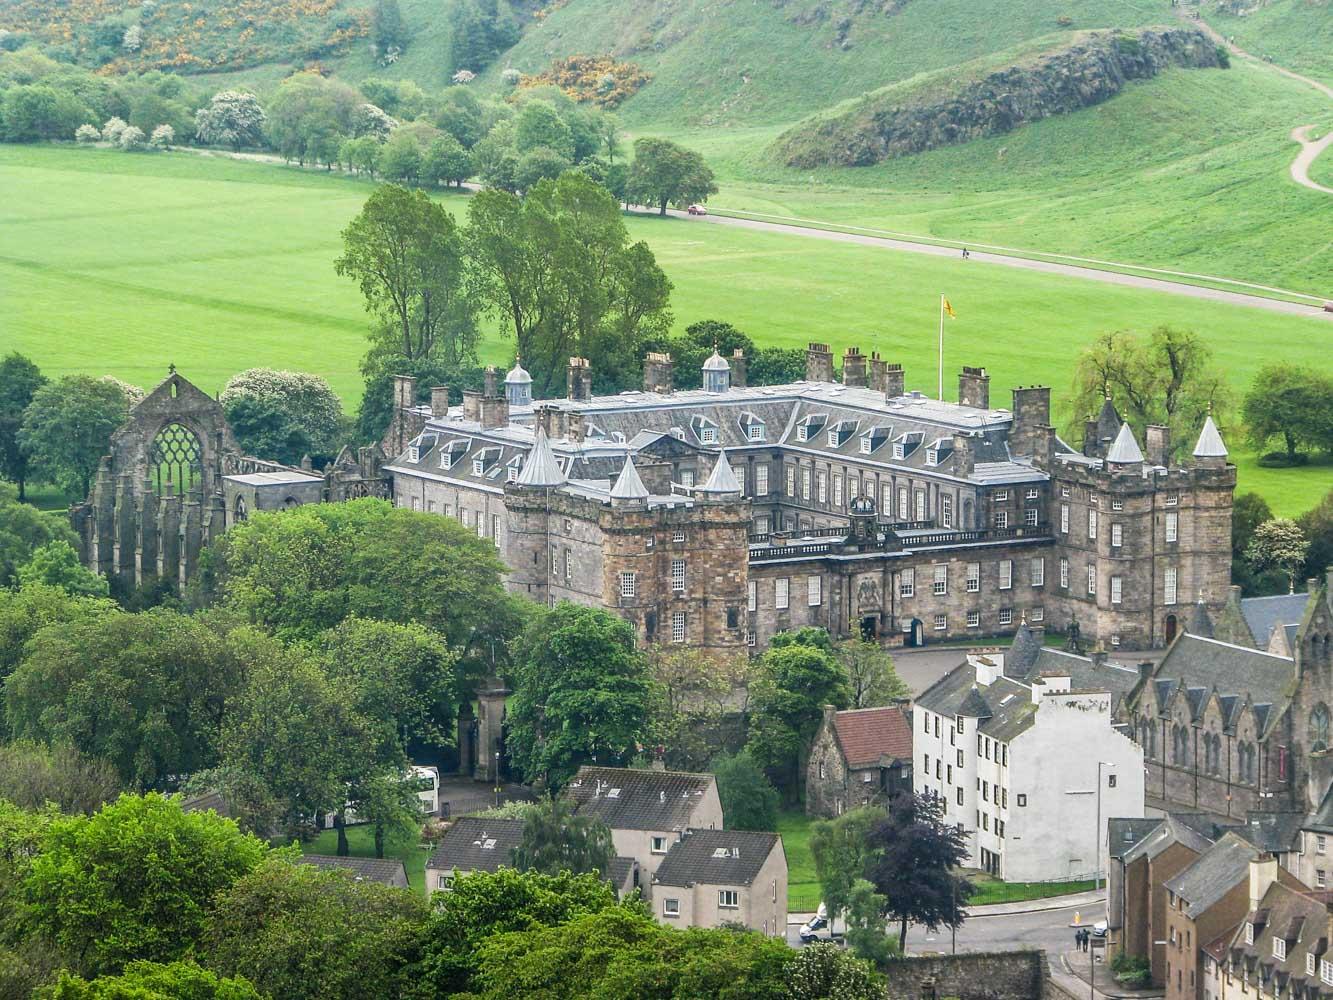 Ruta por los escenarios de Outlander en Edimburgo Holyrood Palace